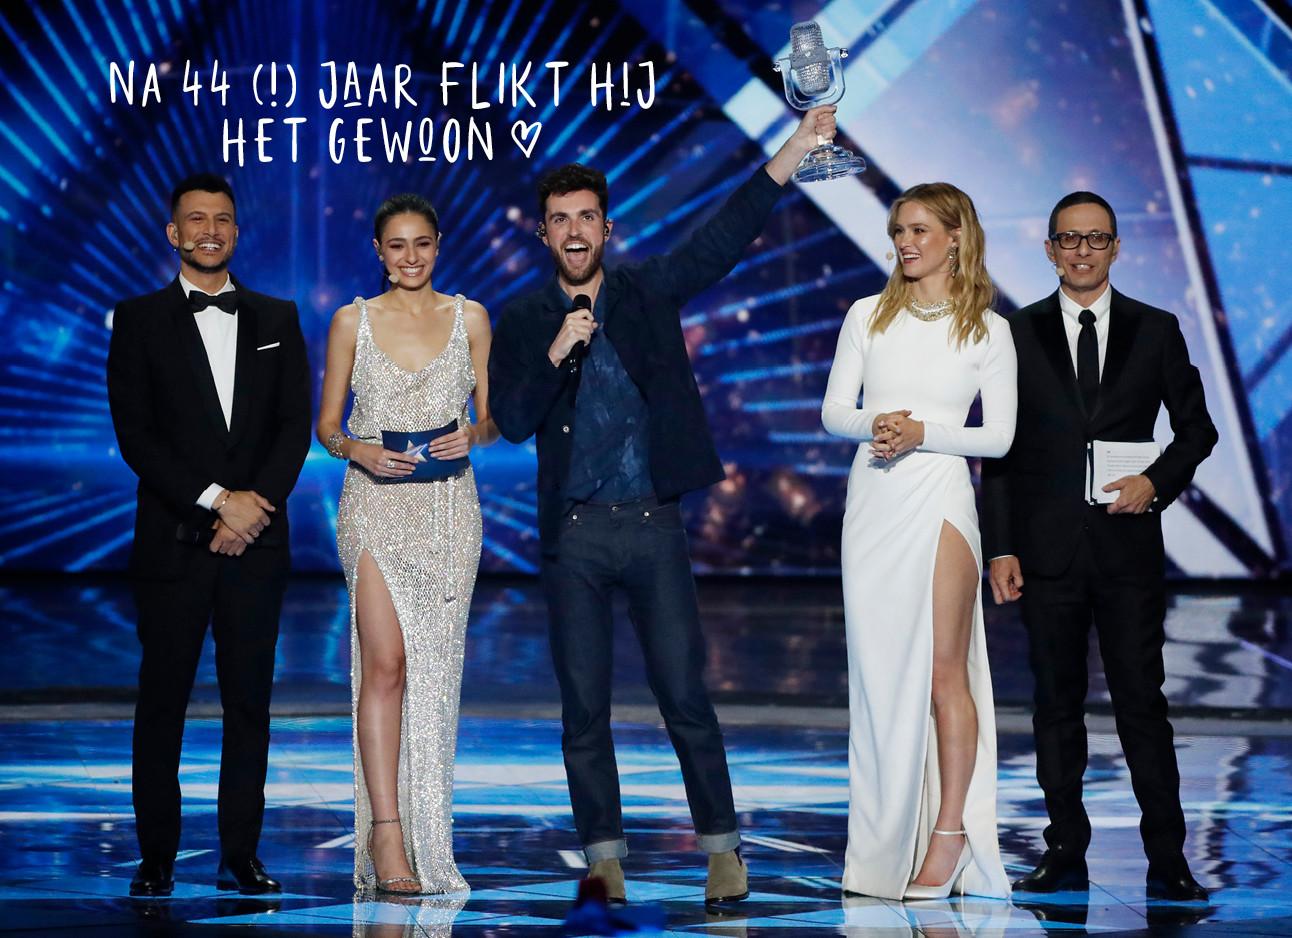 duncan won het eurovisie songfestival na 44 jaar, op het podium met presentators